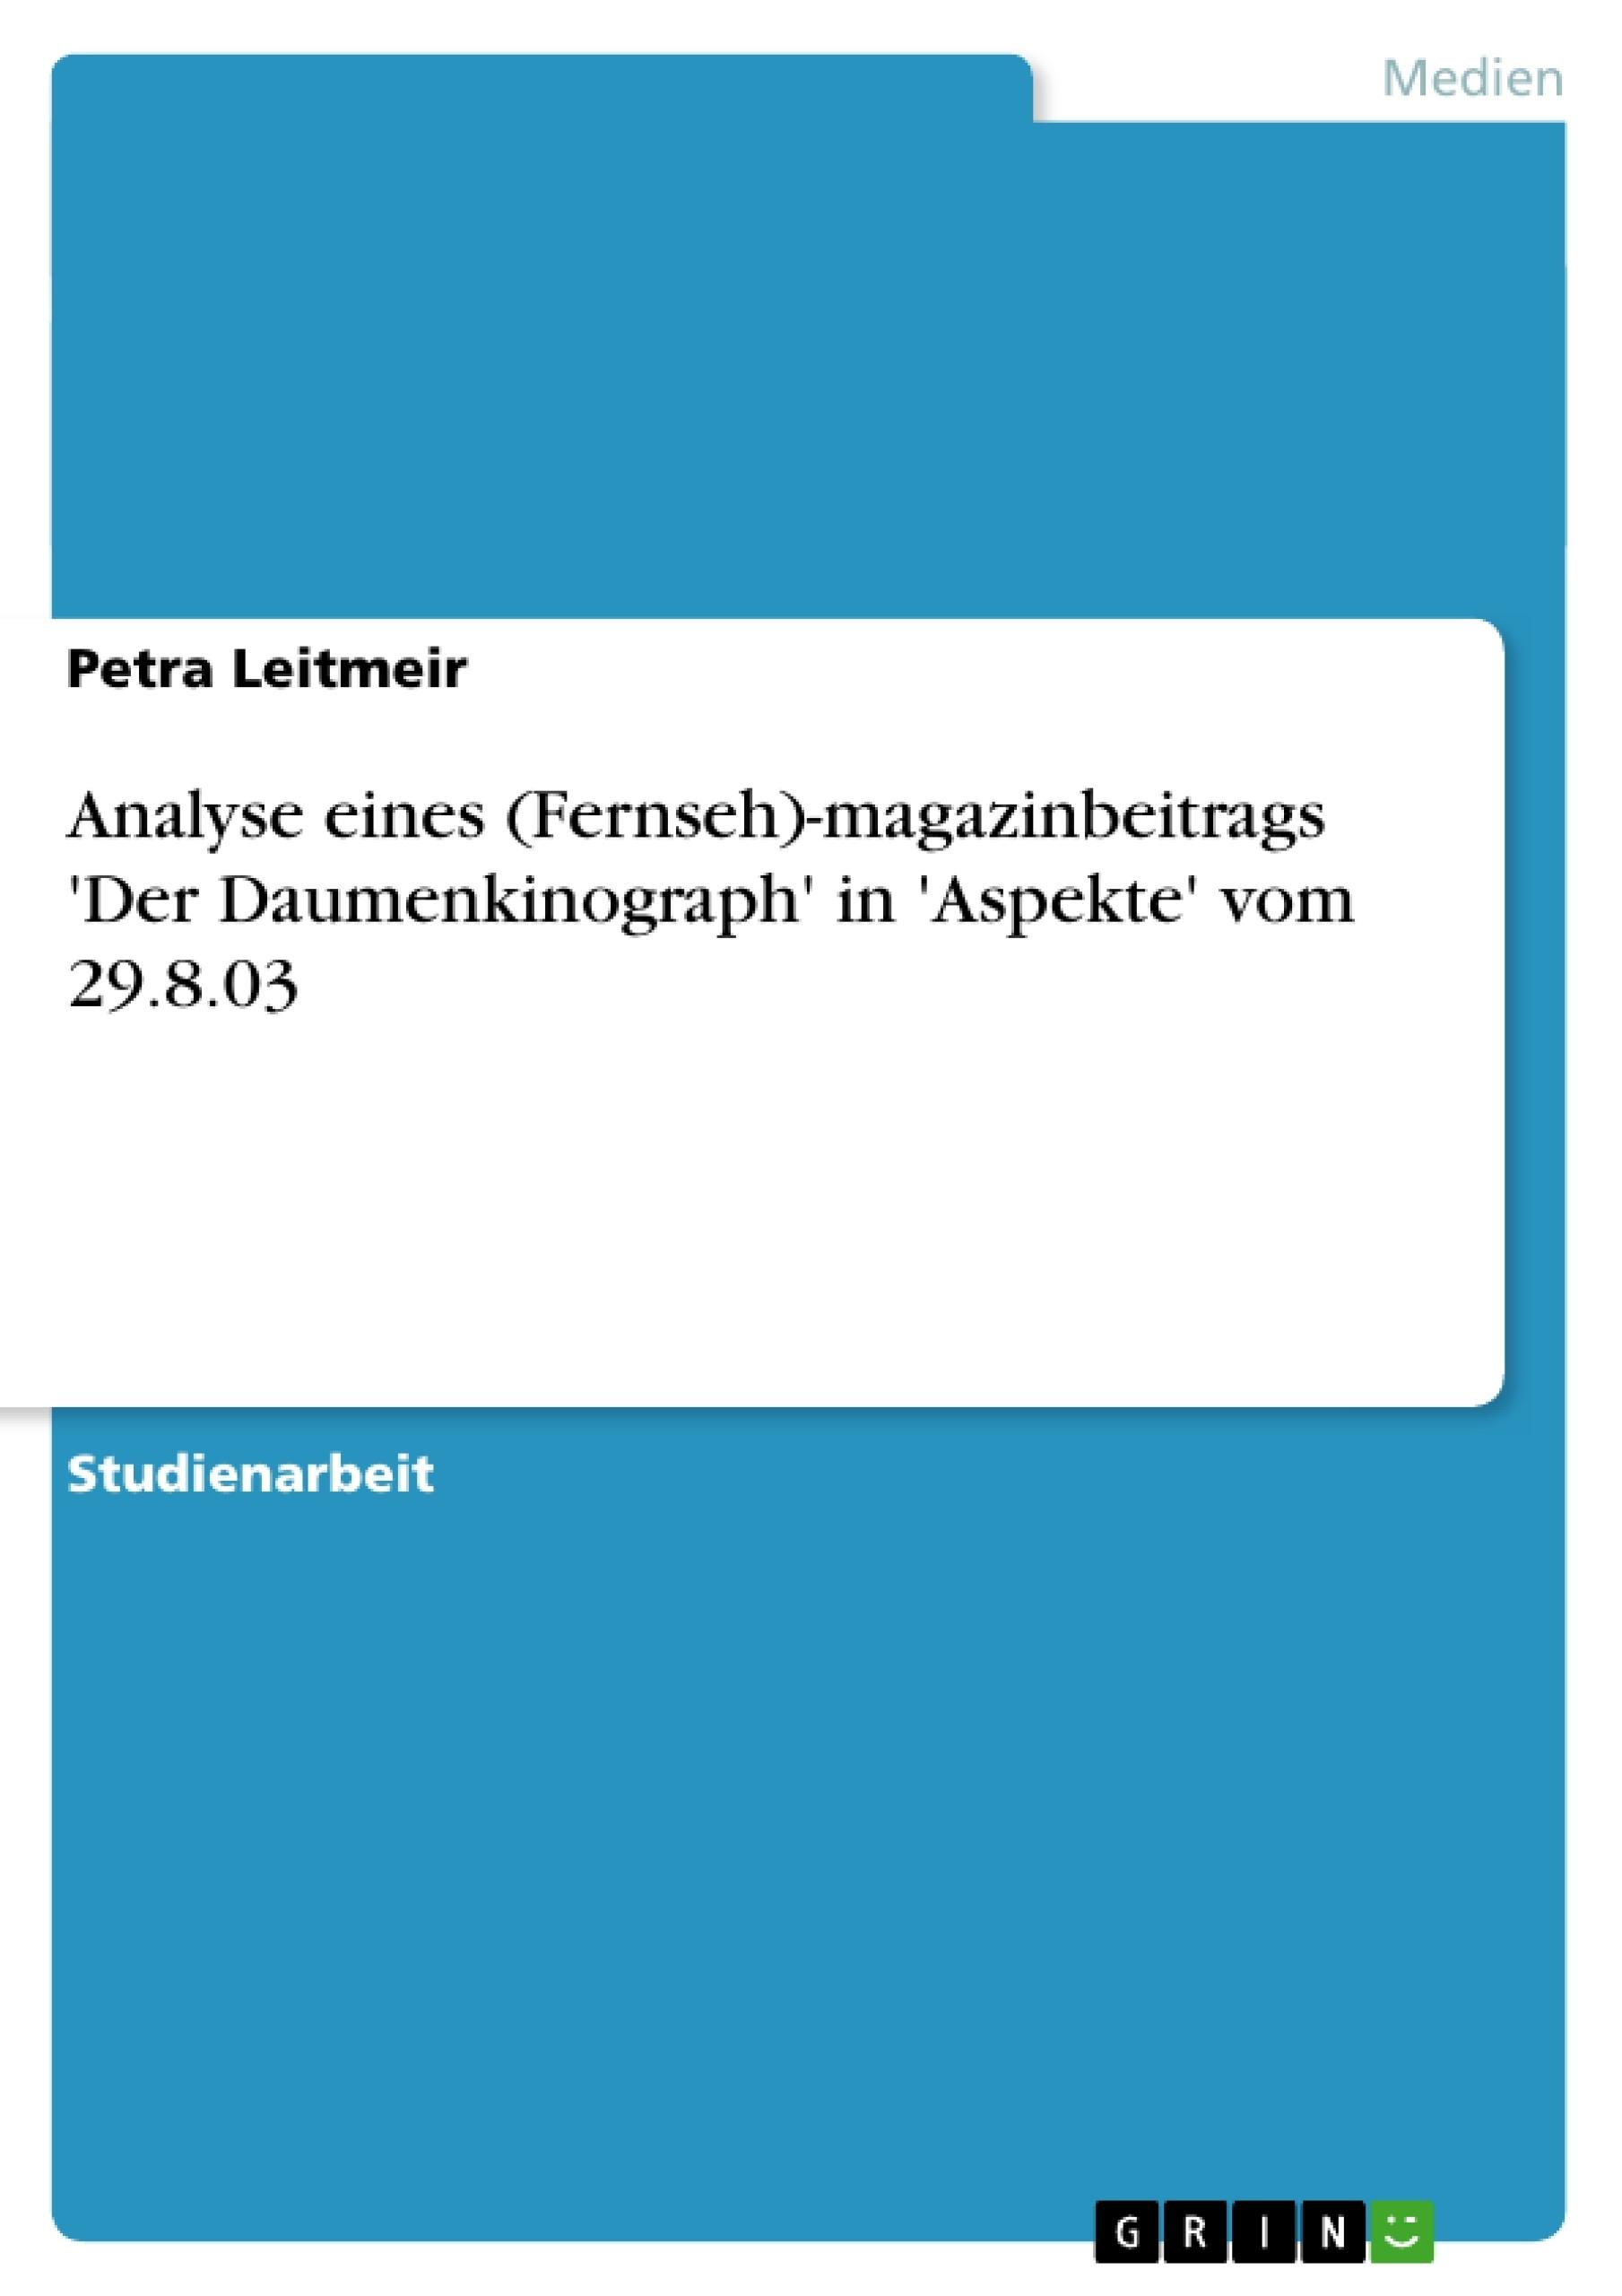 Titel: Analyse eines (Fernseh)-magazinbeitrags 'Der Daumenkinograph' in 'Aspekte' vom 29.8.03